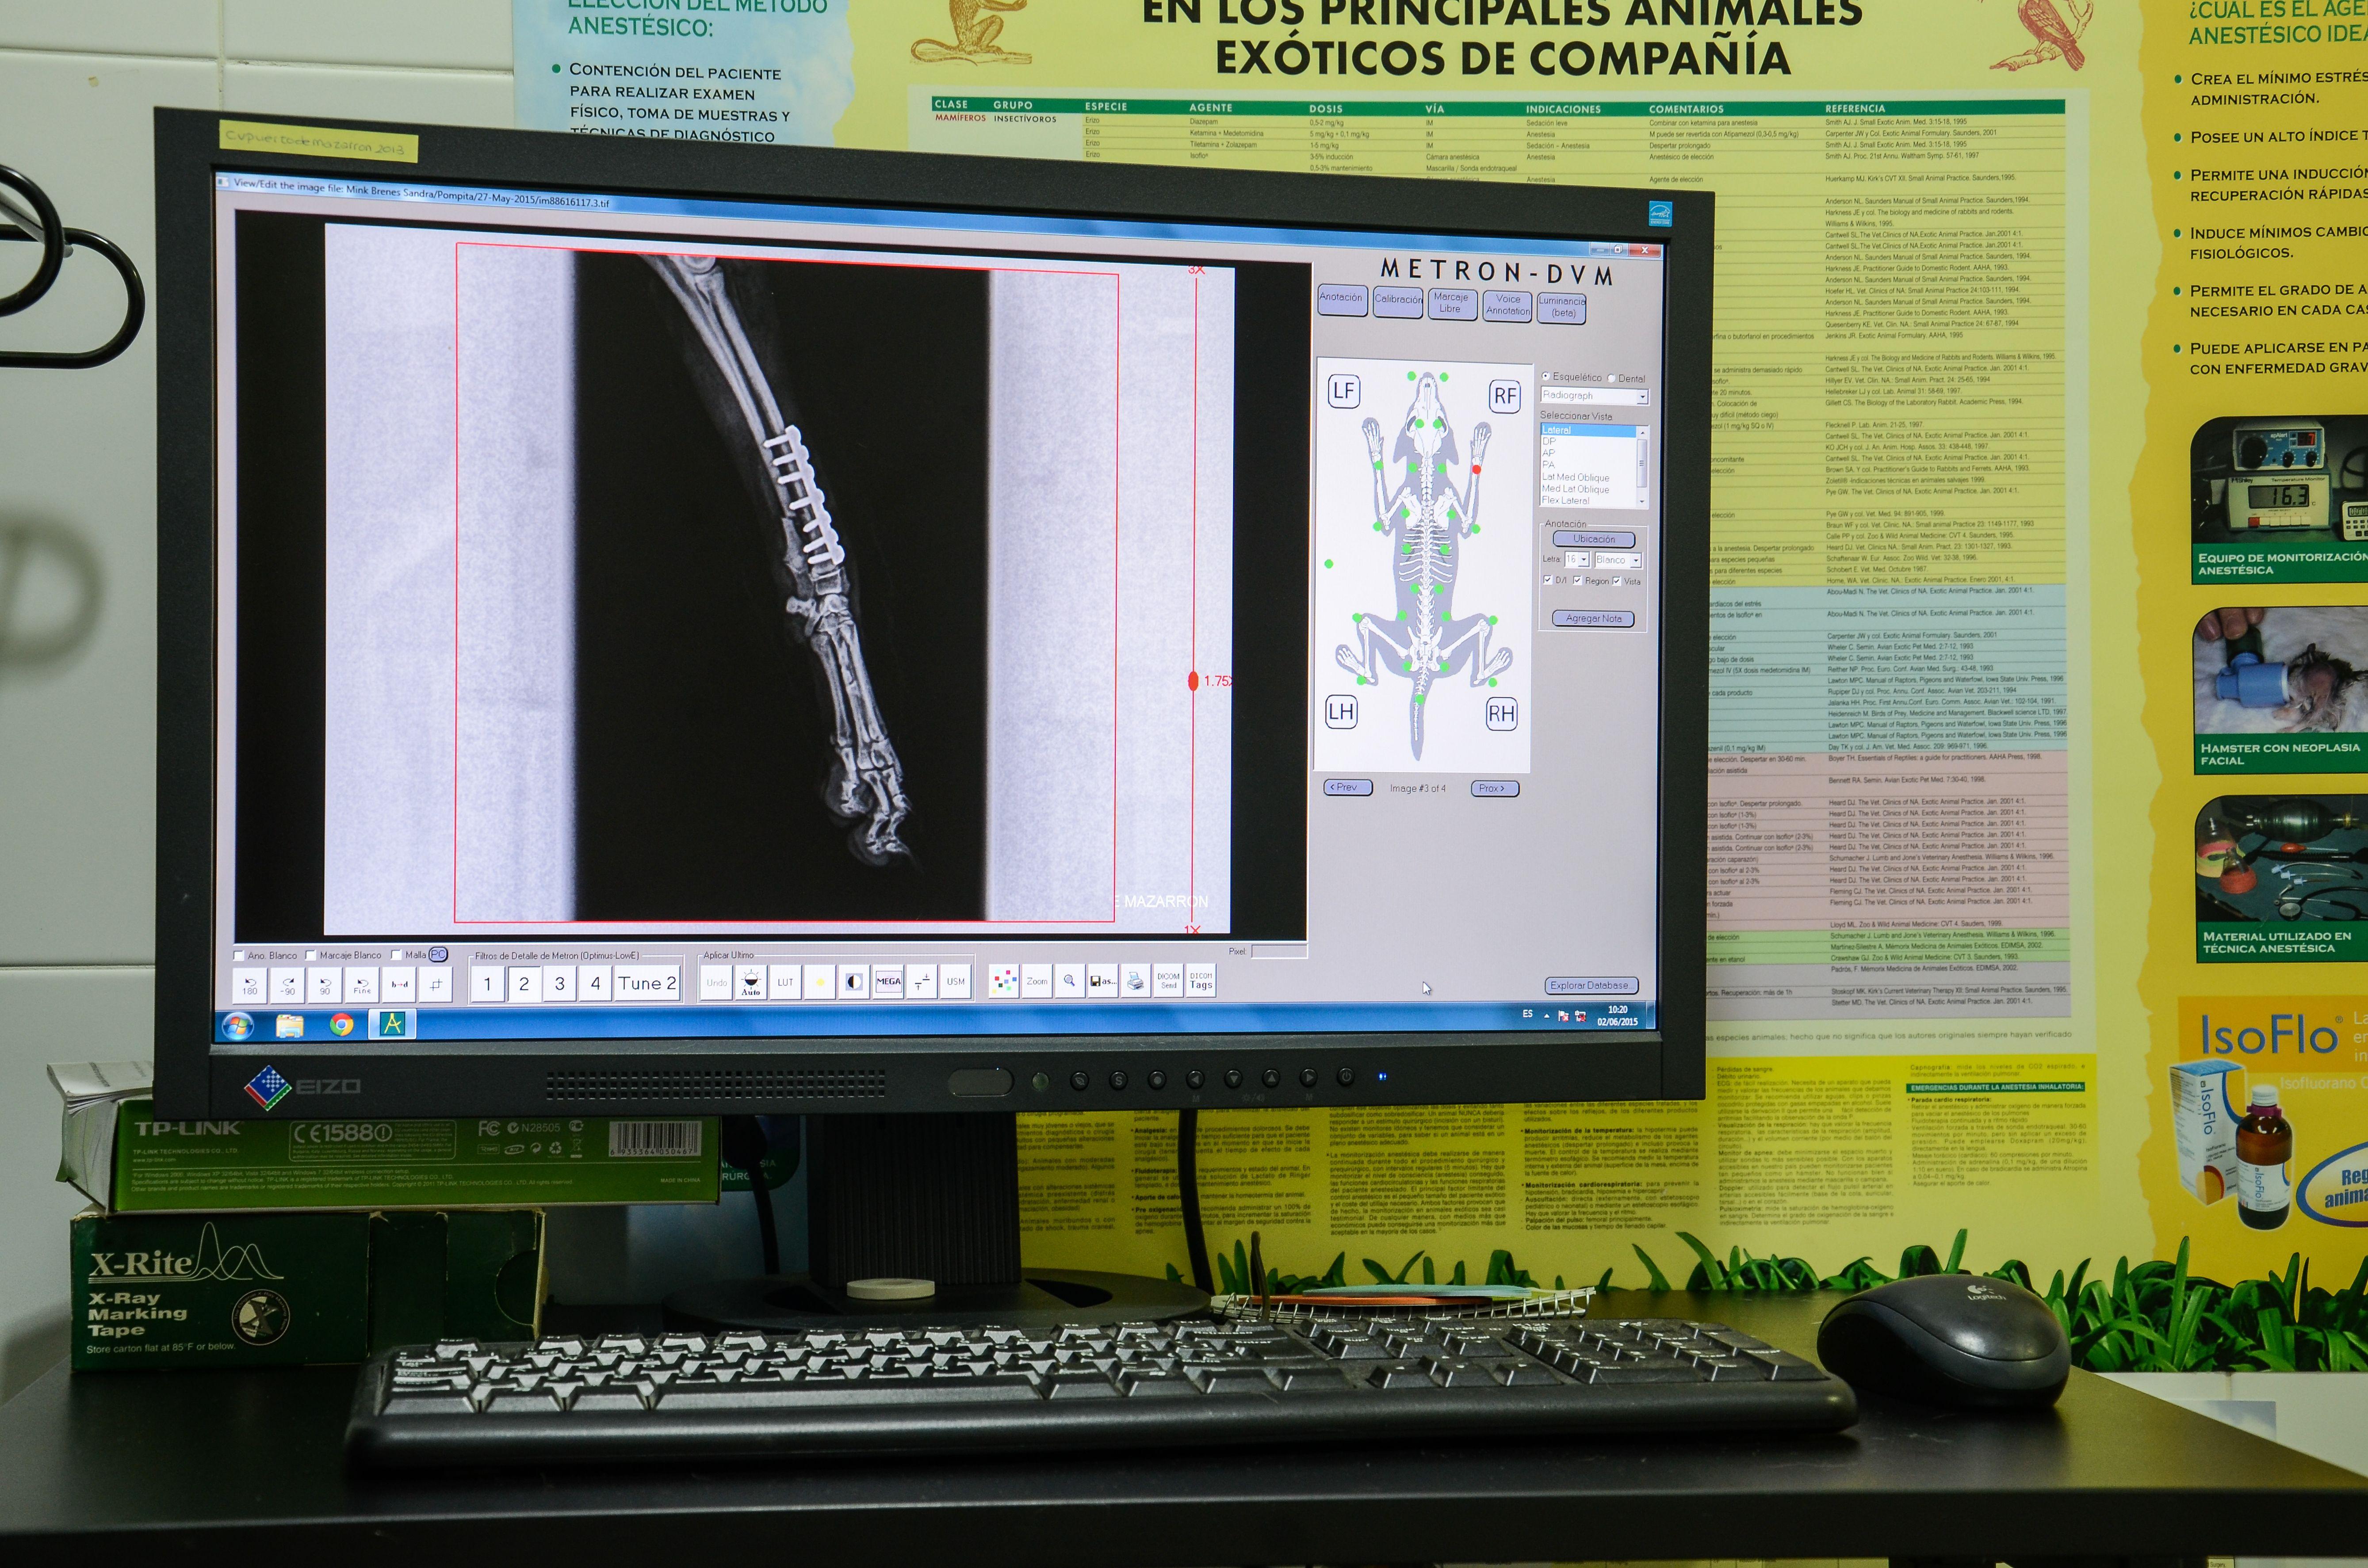 Foto 10 de Veterinarios en Mazarrón   Clínica principal Veterinaria Puerto Mazarrón